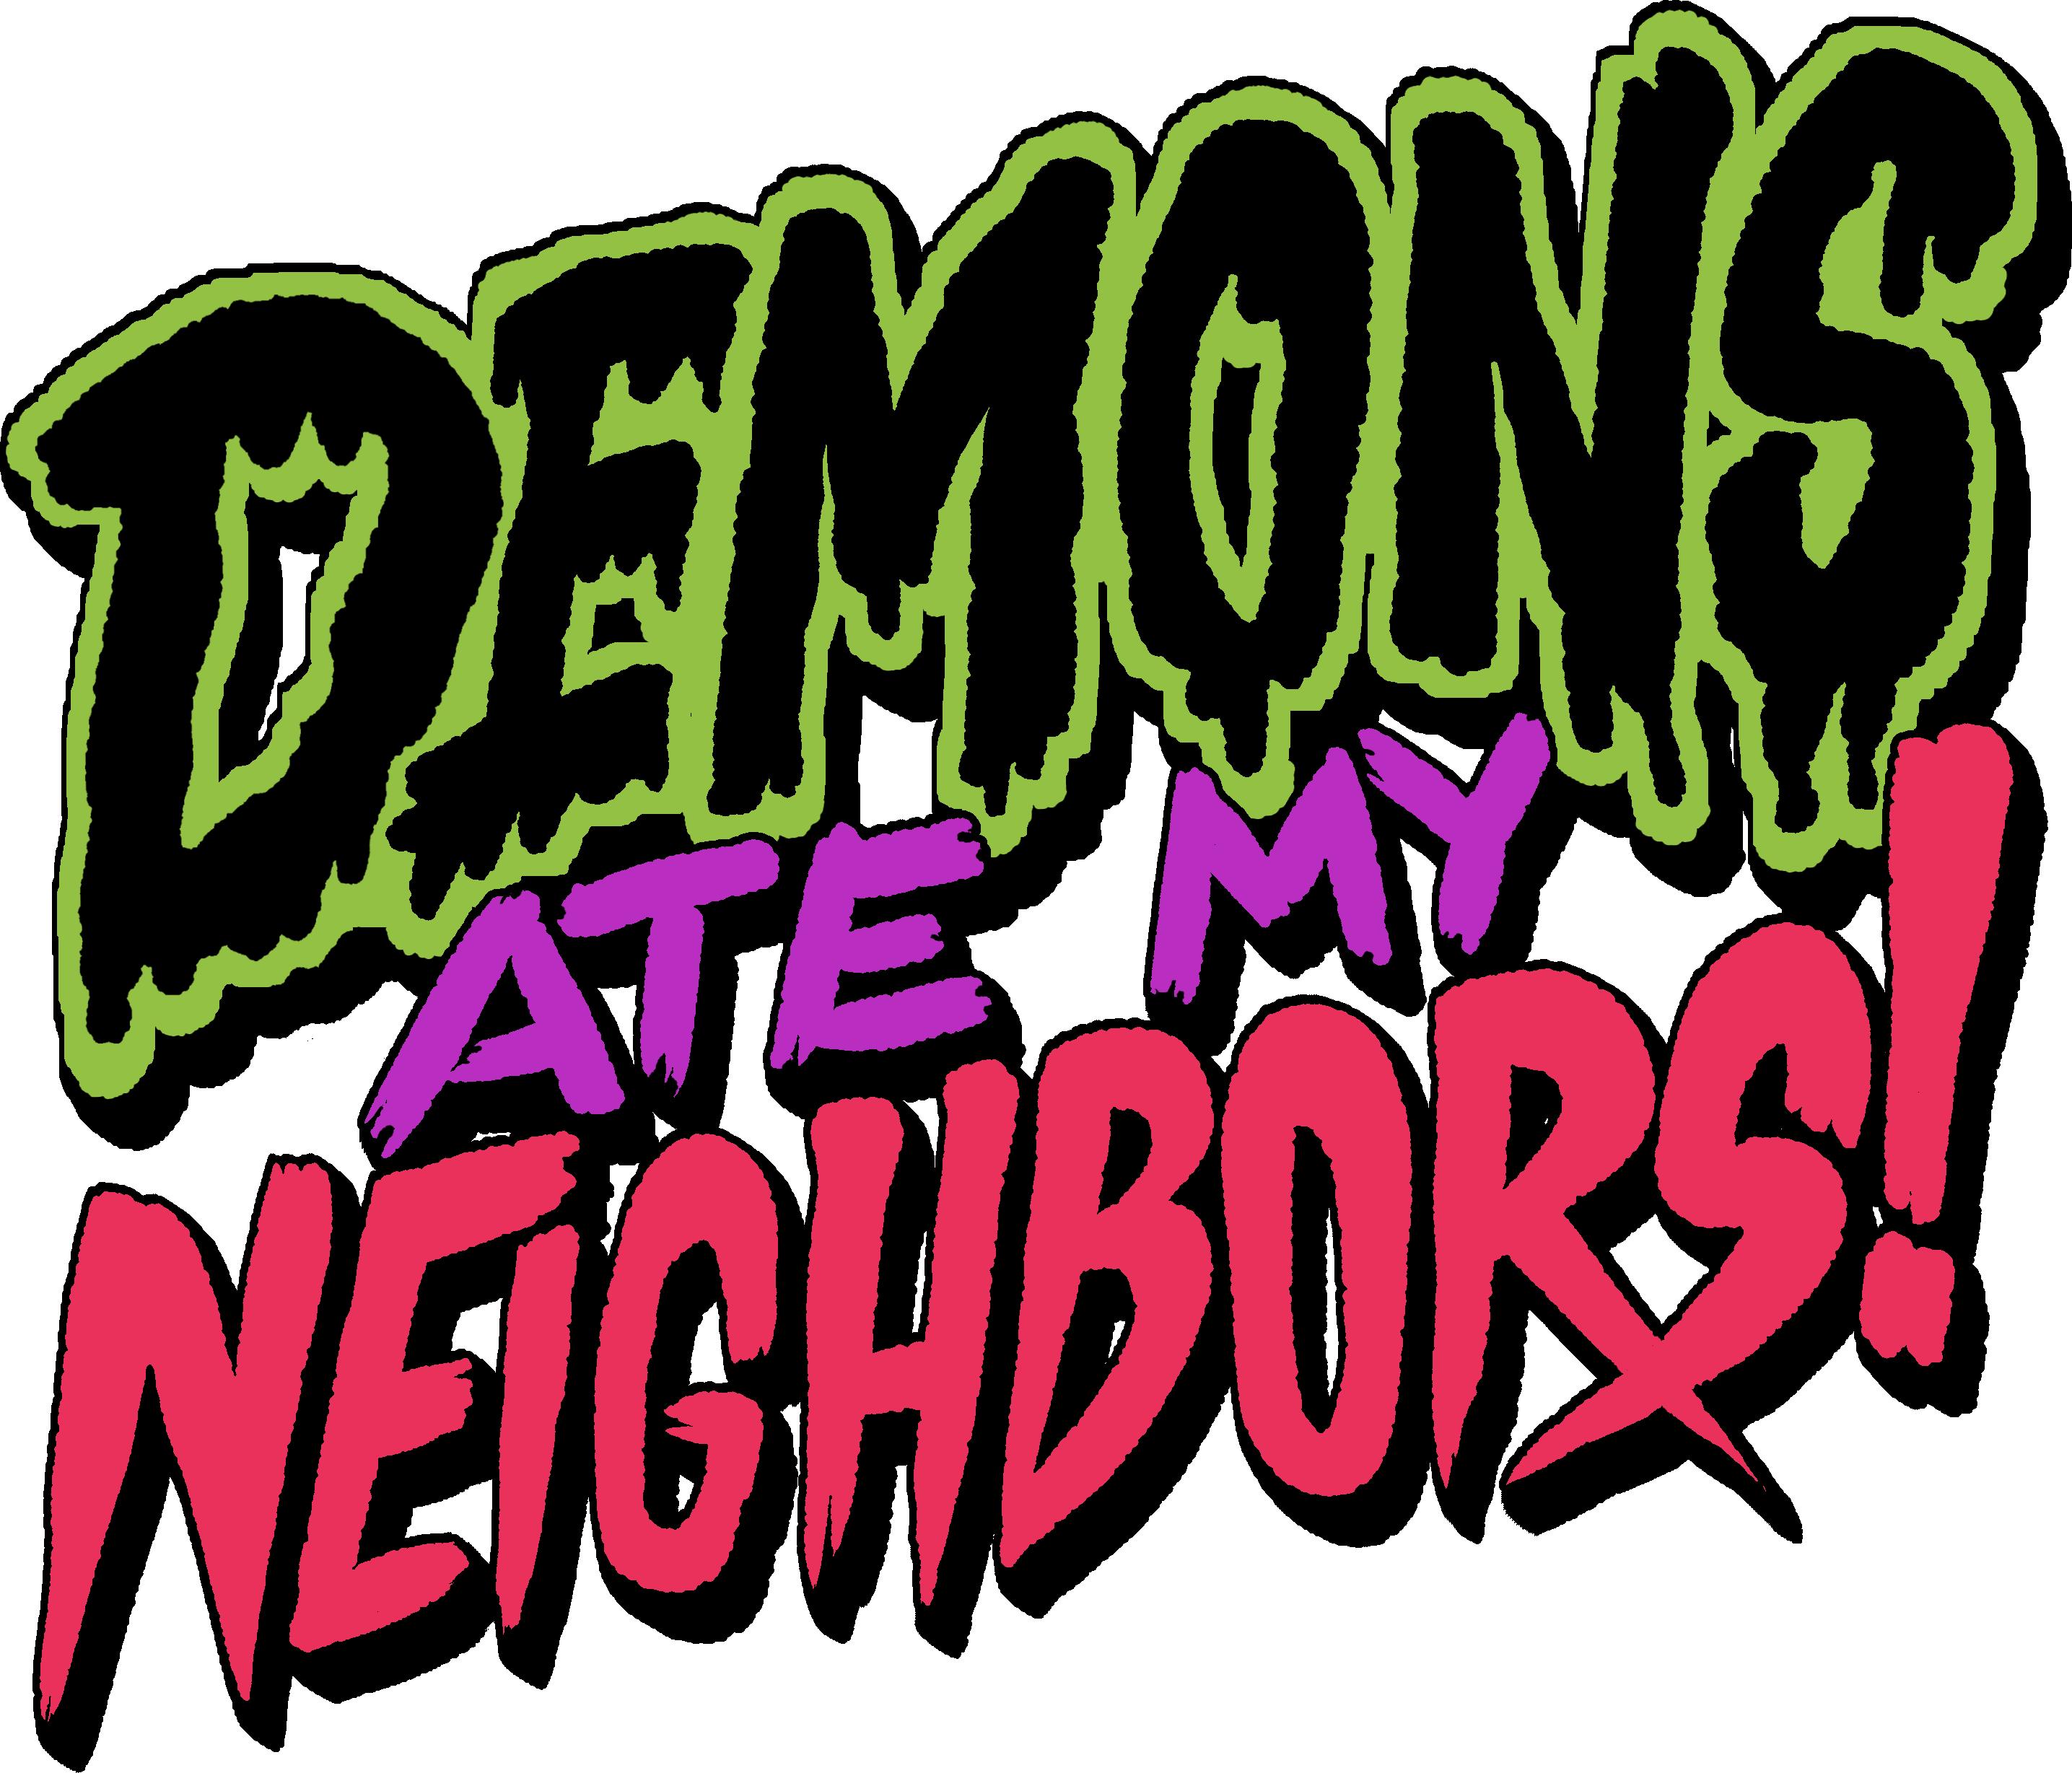 Demons-Ate-My-Neighbors_2020_08-12-20_010